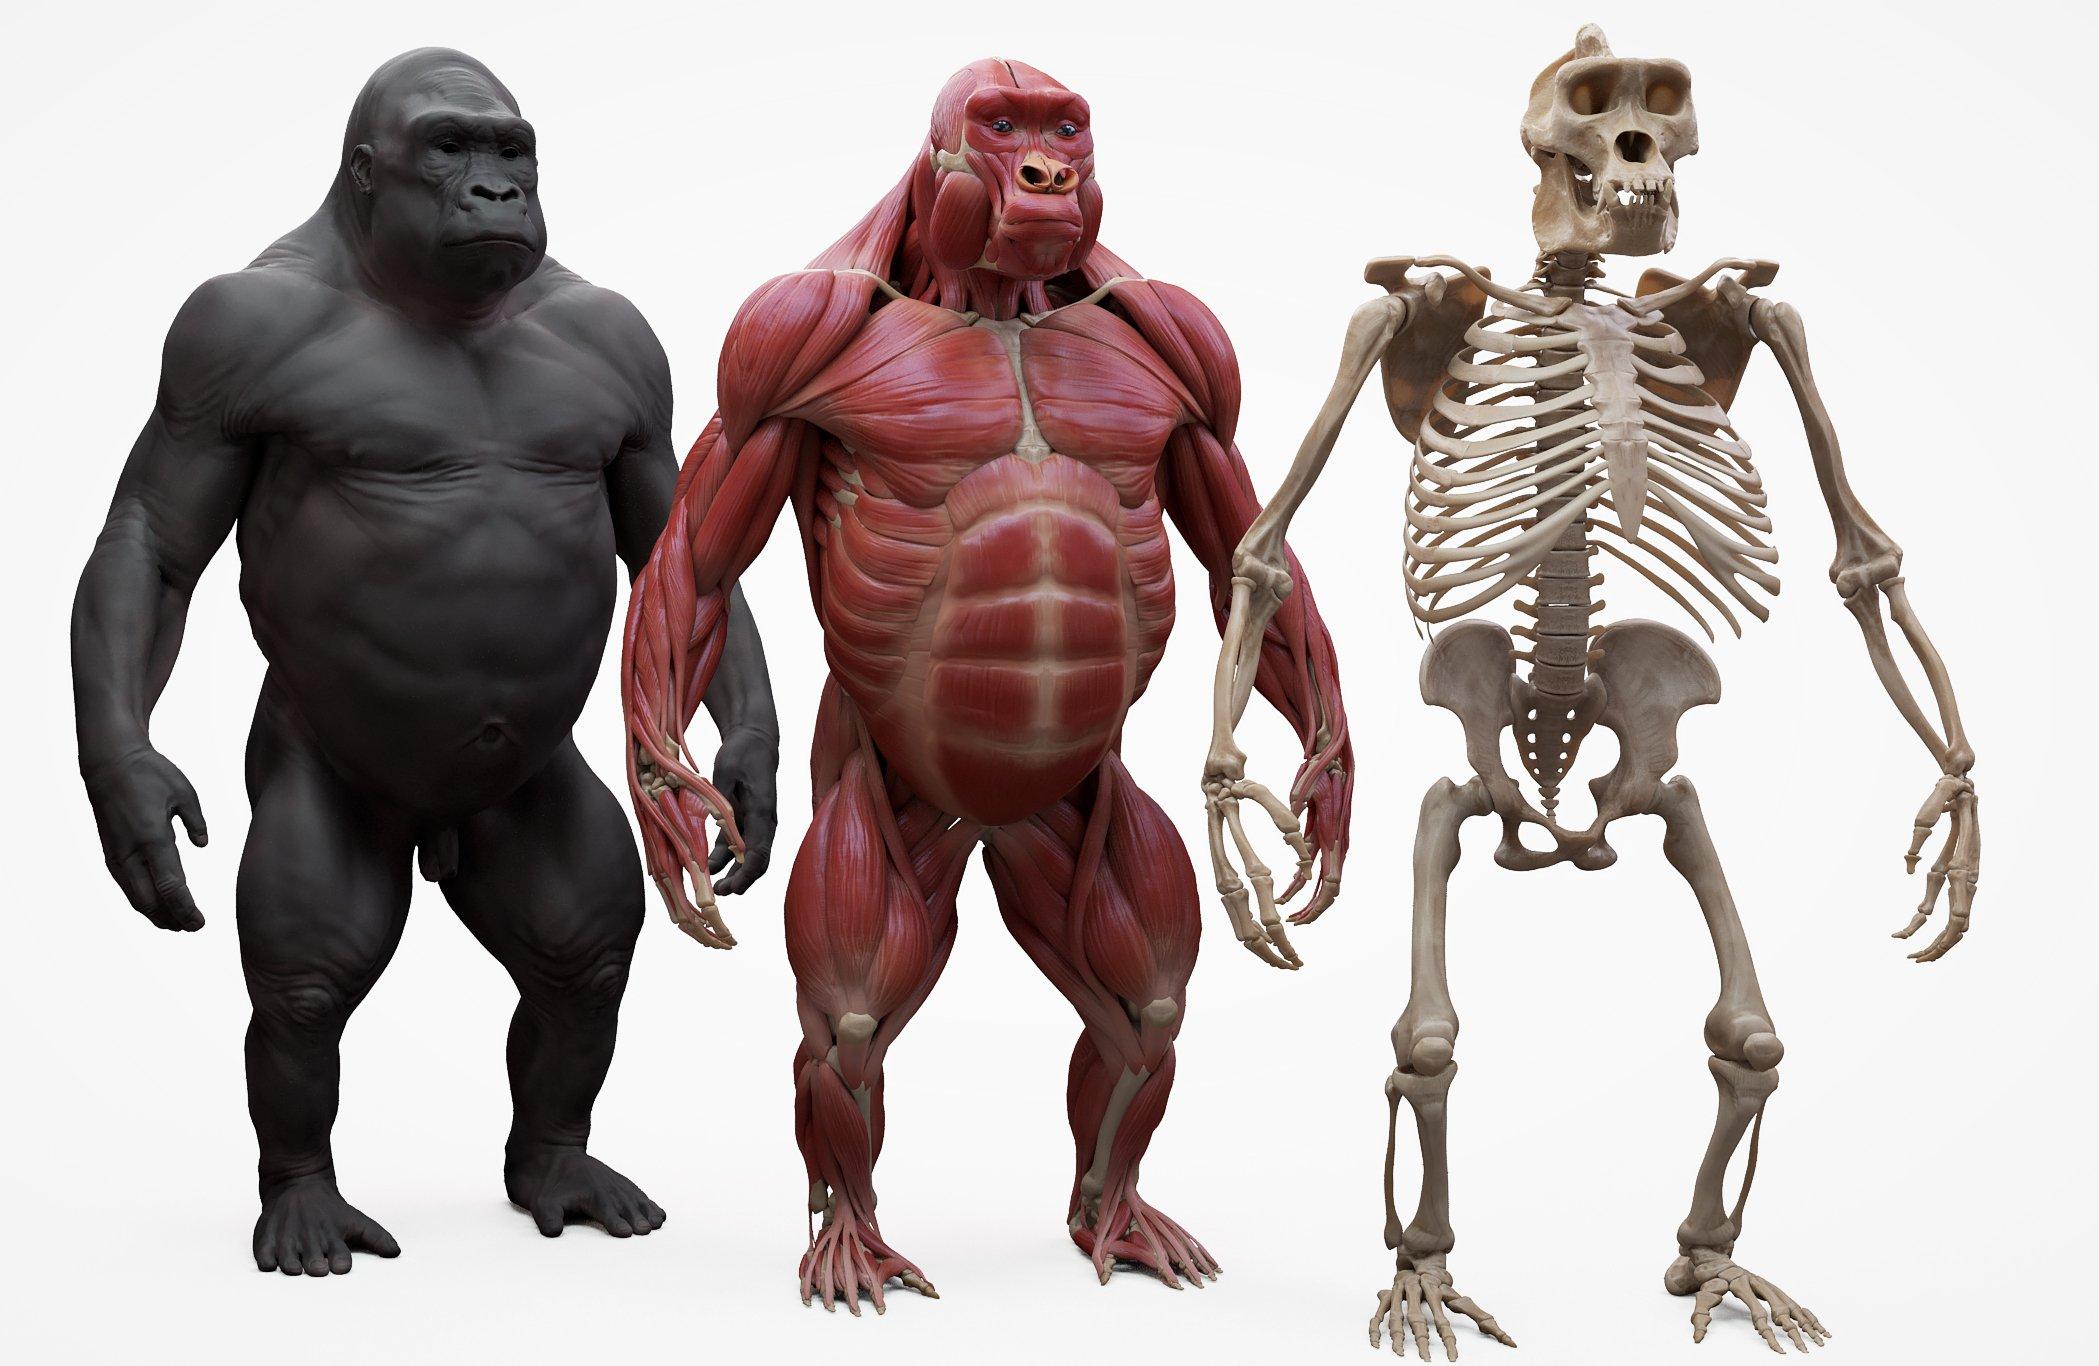 Gorilla 3D muscles